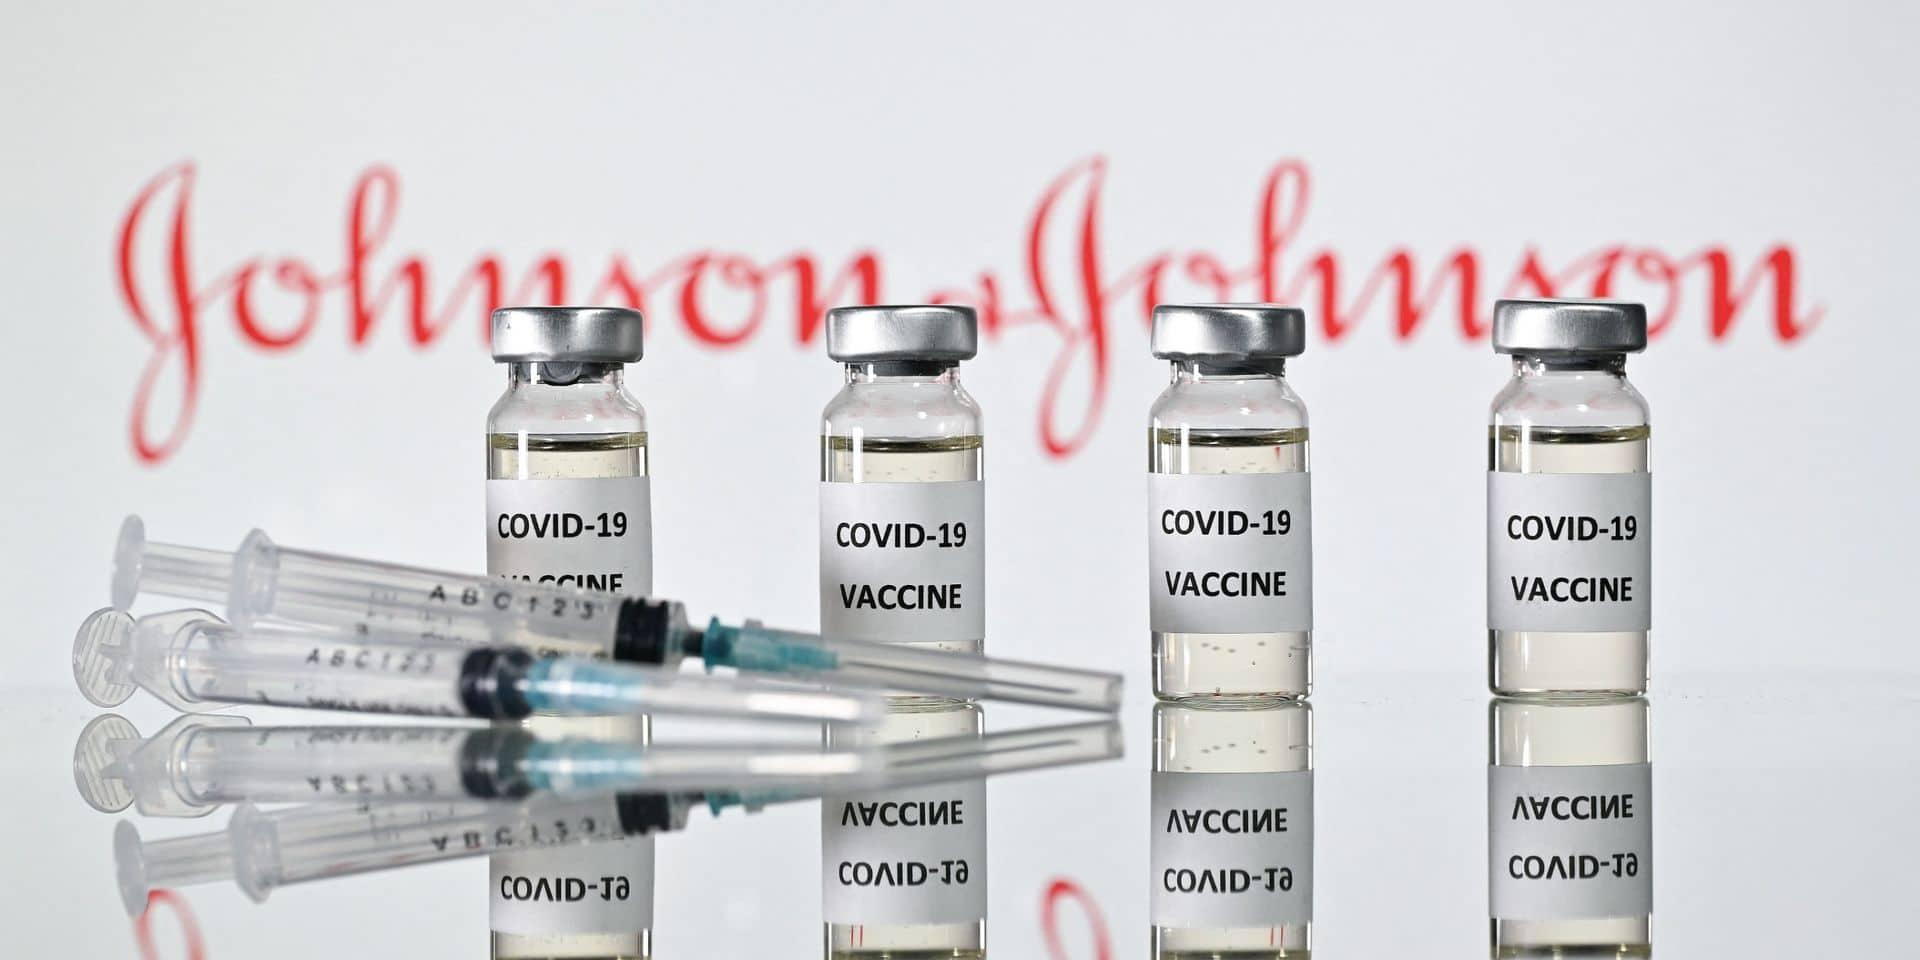 Le vaccin Johnson lui aussi sous la loupe pour quatre cas de caillots sanguins